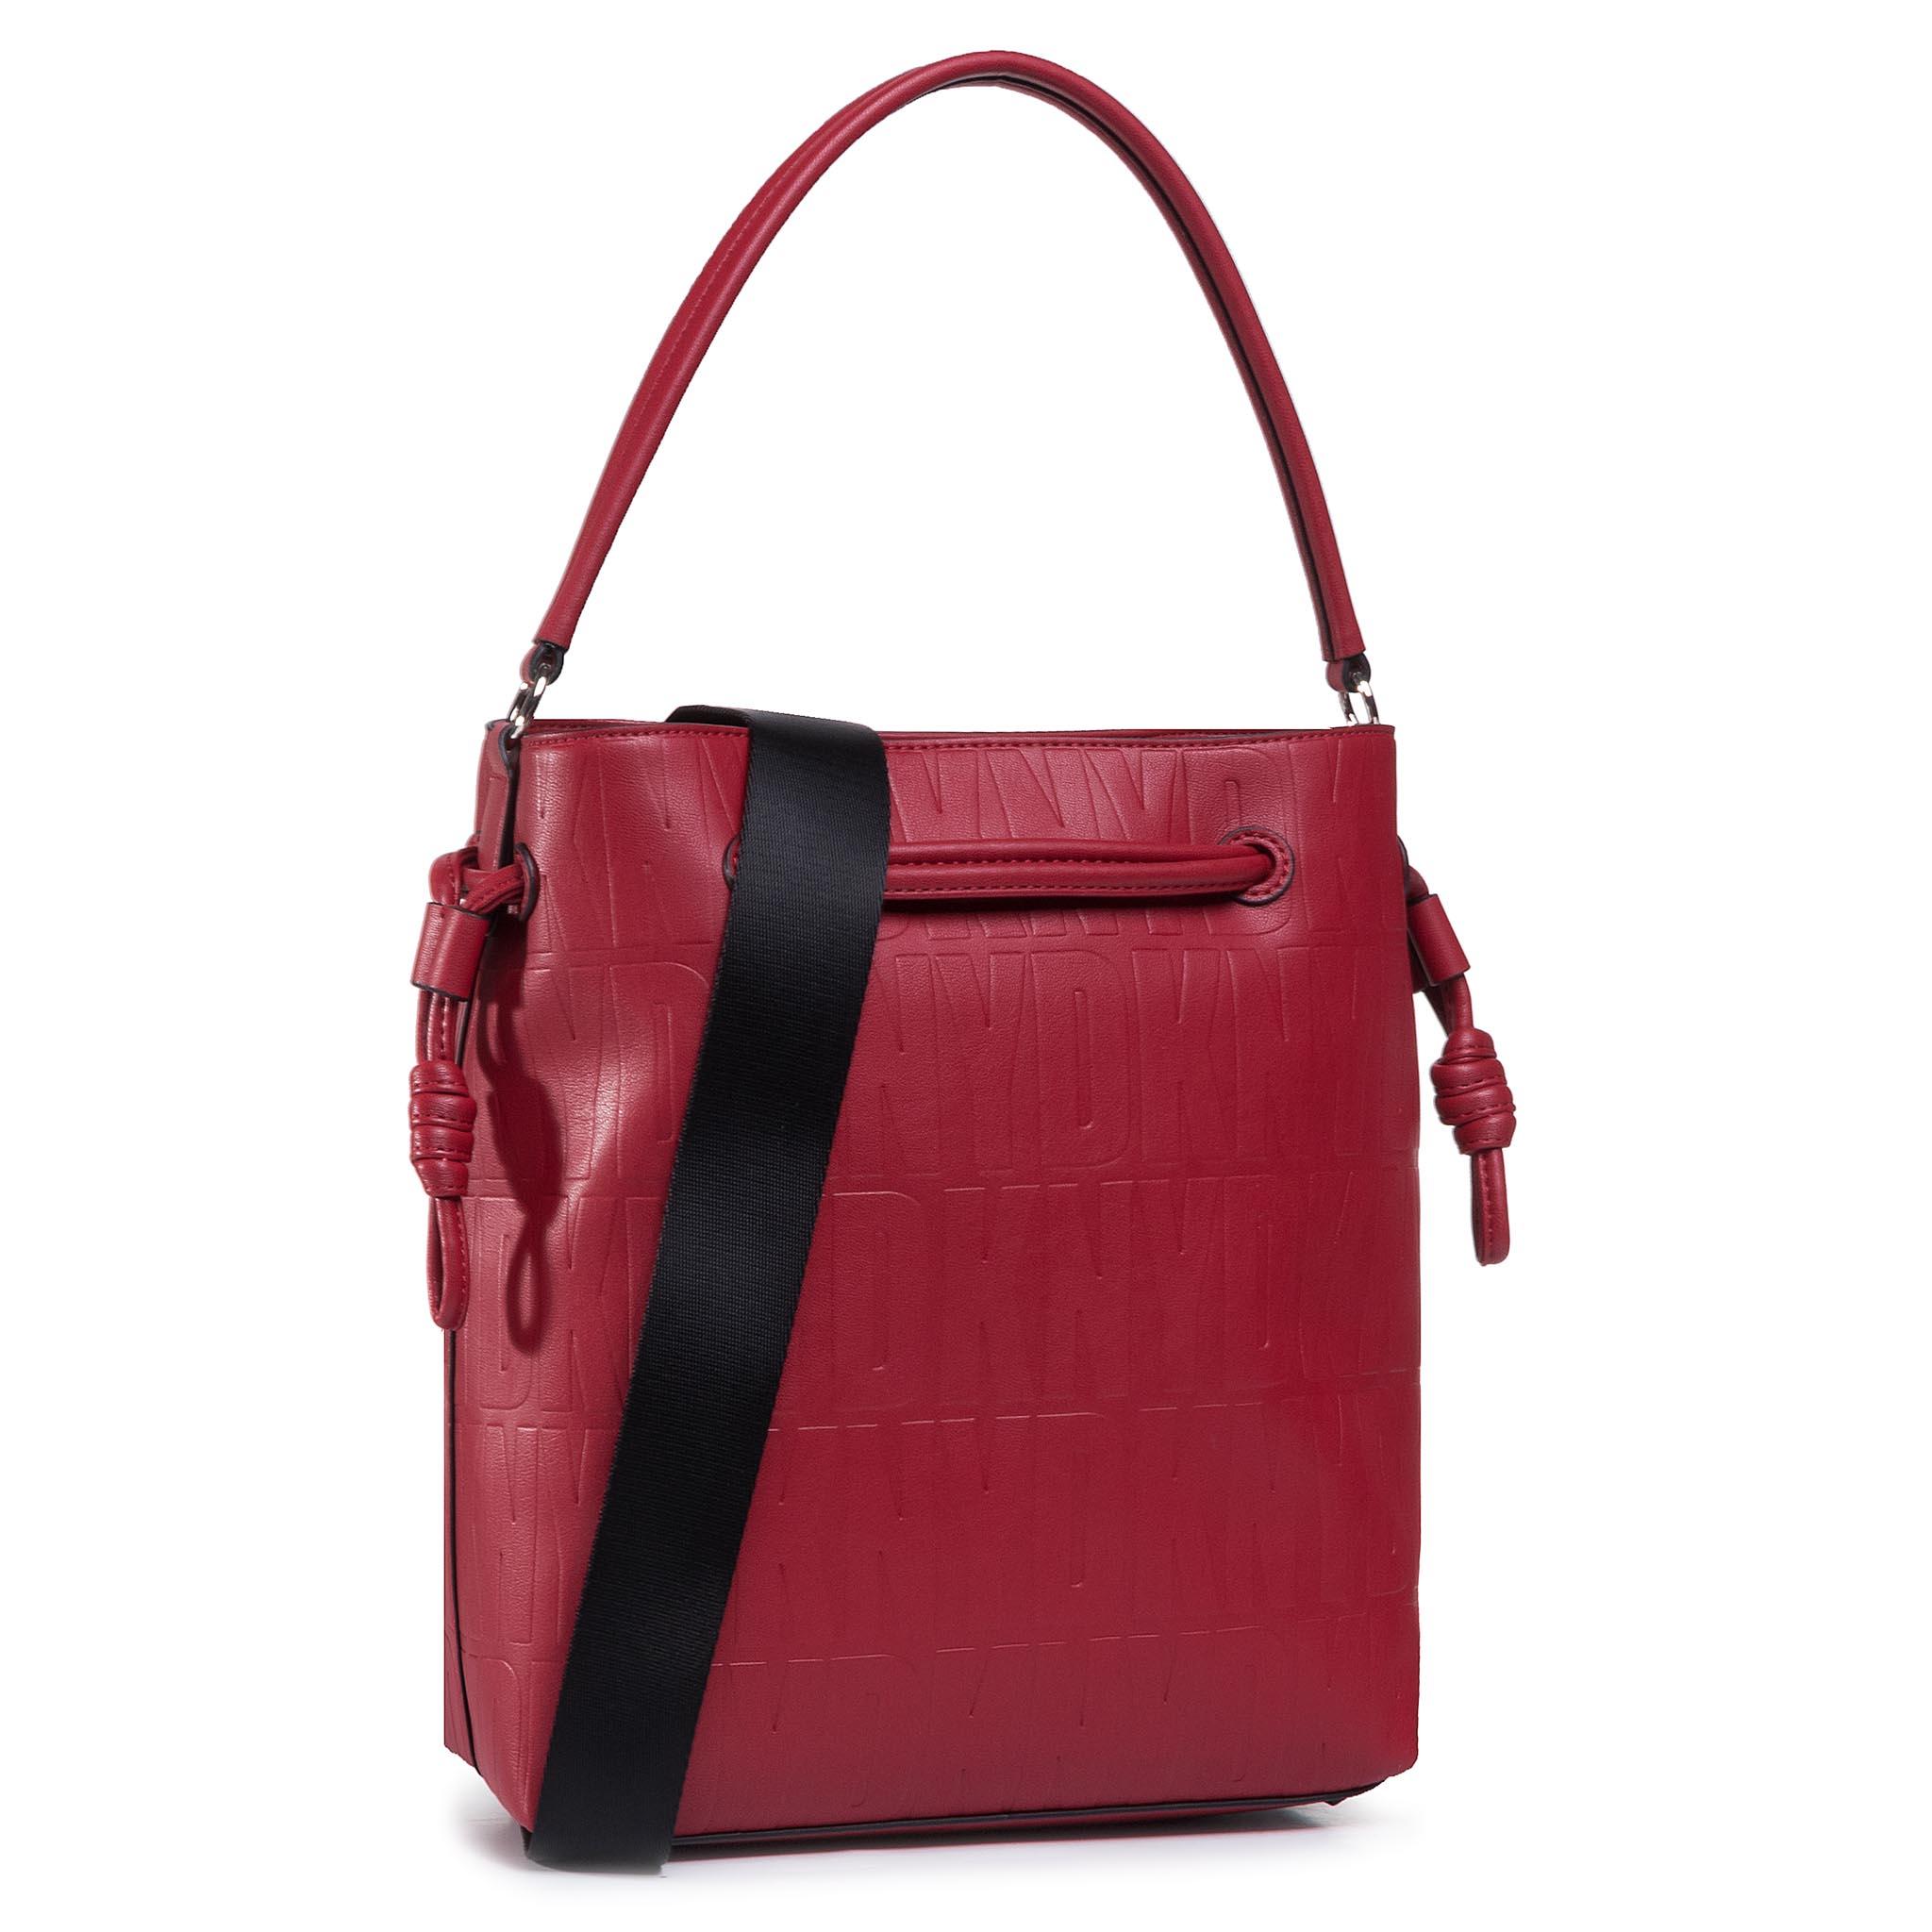 Image of Handtasche DKNY - Jude Drawstring Buck R04JVF61 Bright Red 8RD